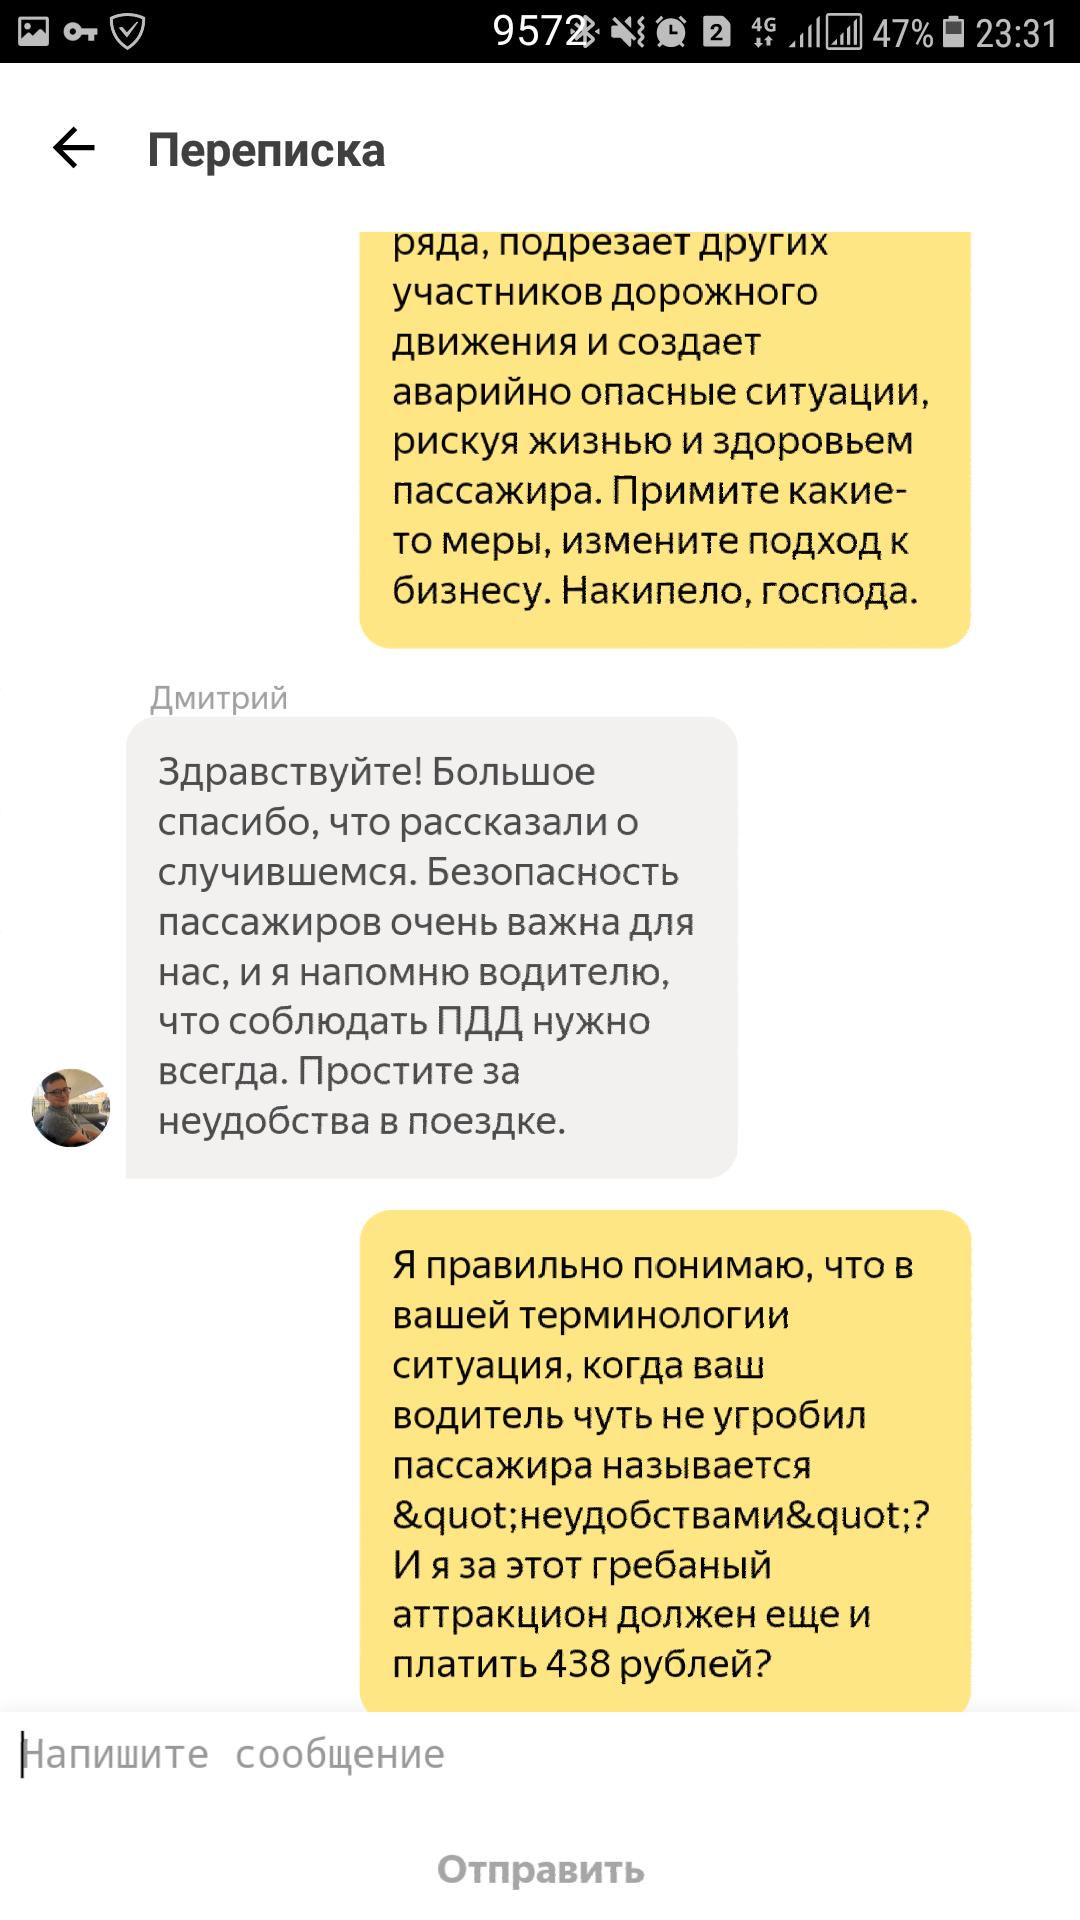 Яндекс такси возврат денег скидка 31